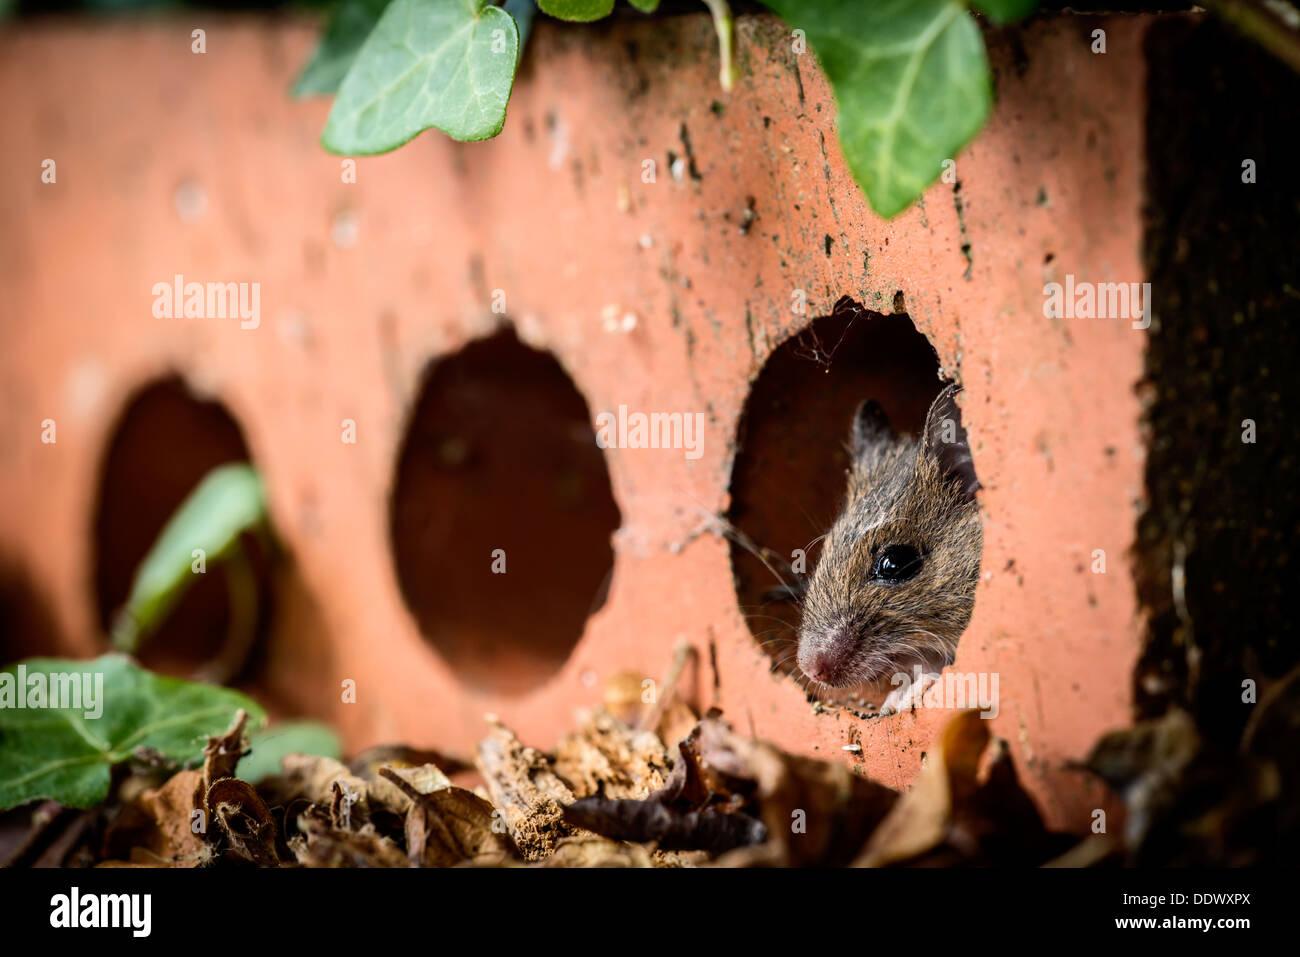 Ratón de madera ocultaba dentro de una casa de ladrillo Imagen De Stock